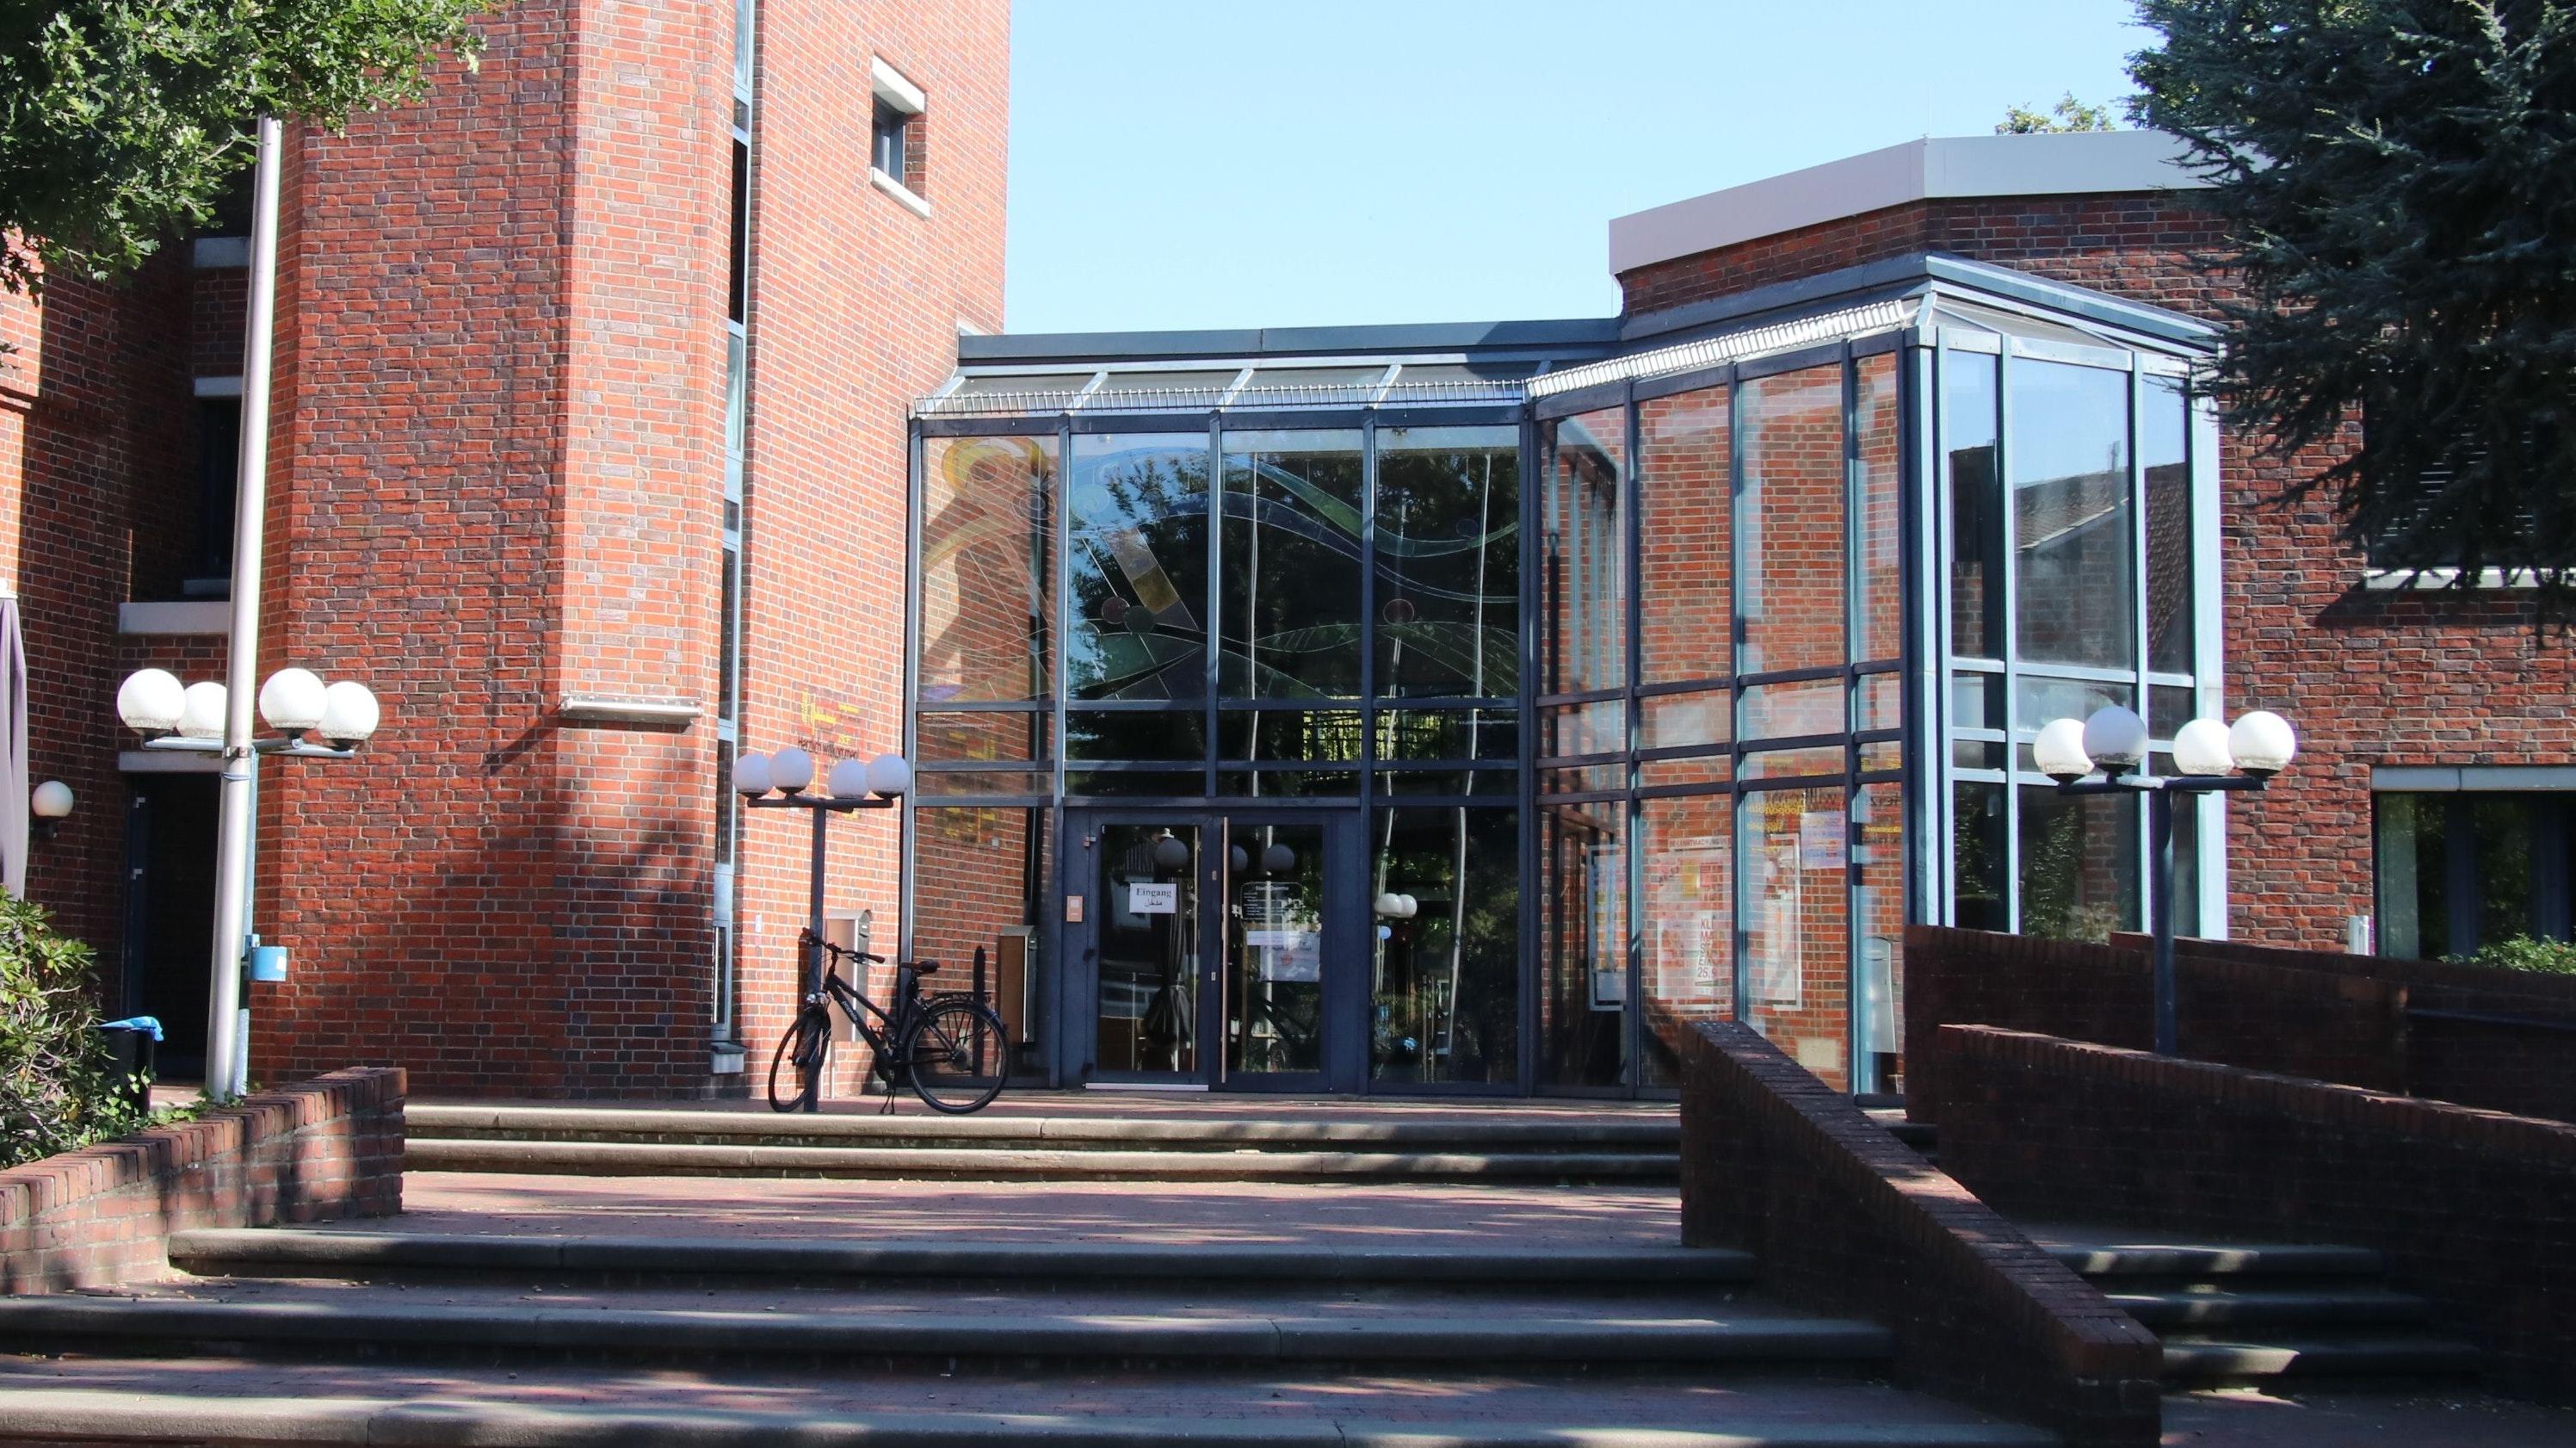 Zwei haben bald ausgedient: Im kommenden Jahr will die Stadt die beiden Glasfassaden an den Eingängen zum Rathaus erneuern lassen. Zudem soll die Treppenanlage an der Seite zur Mühlenstraße umgestaltet werden. Foto: Lammert